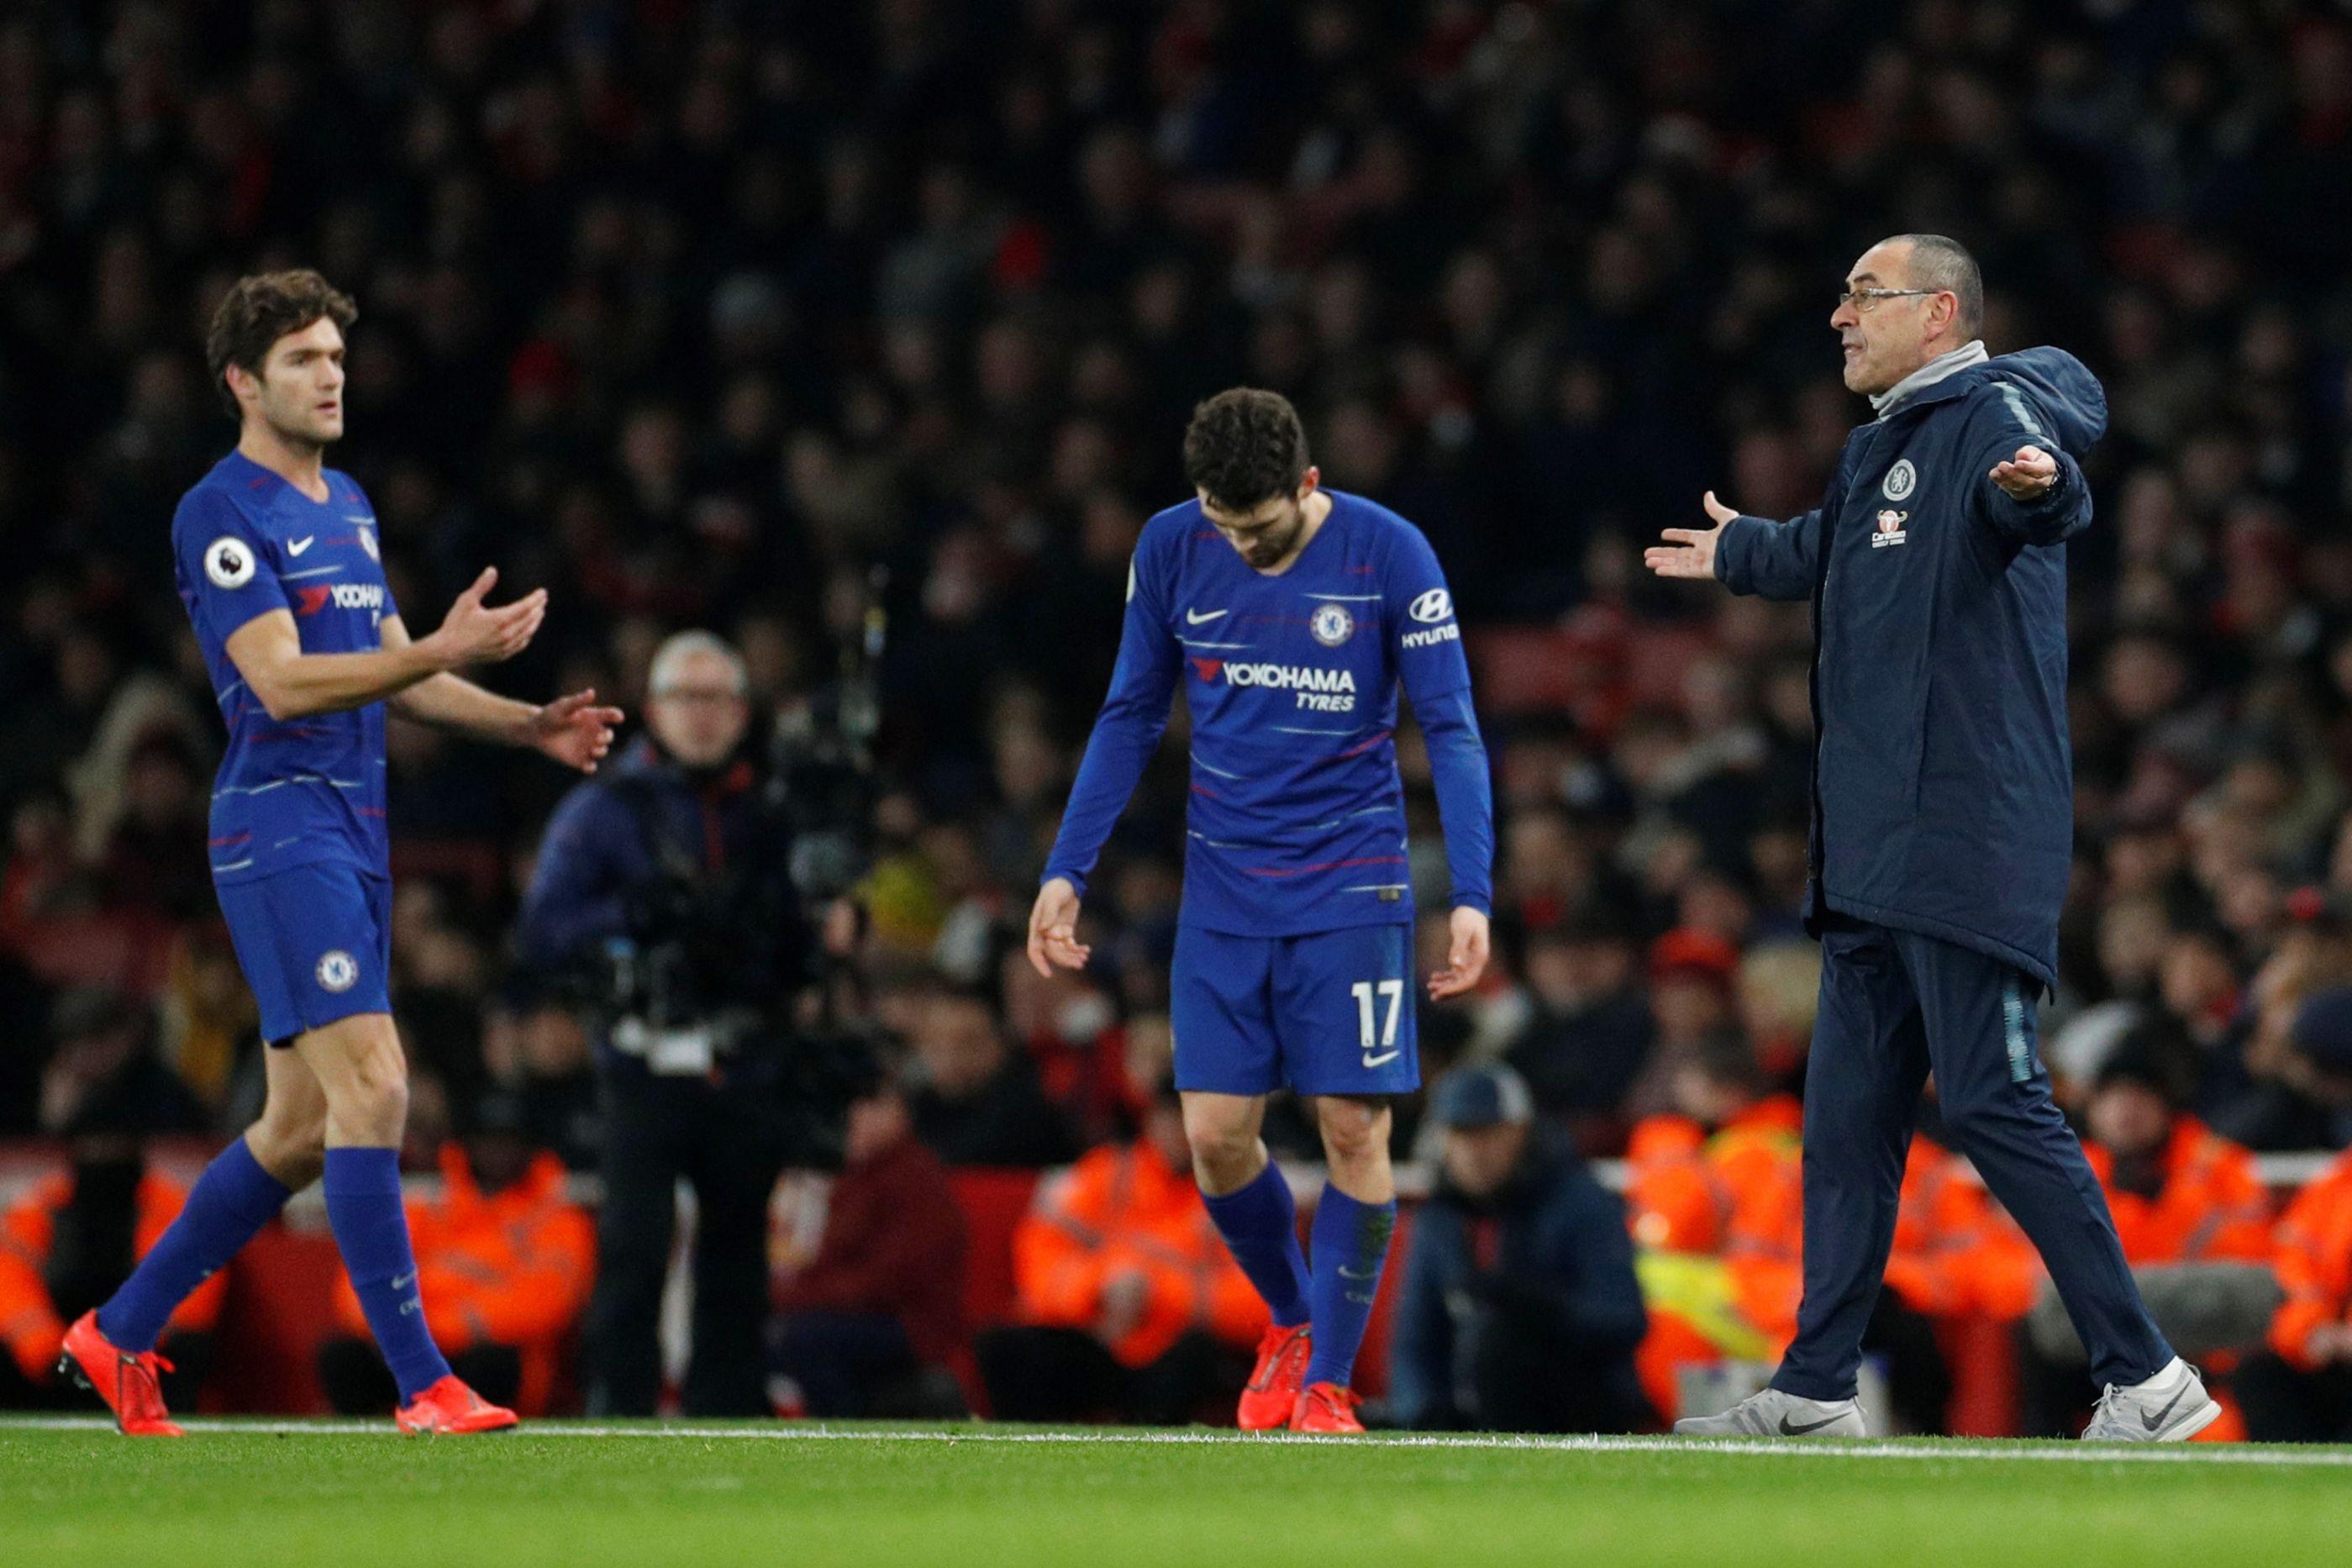 Chelsea proibido de contratar jogadores durante um ano